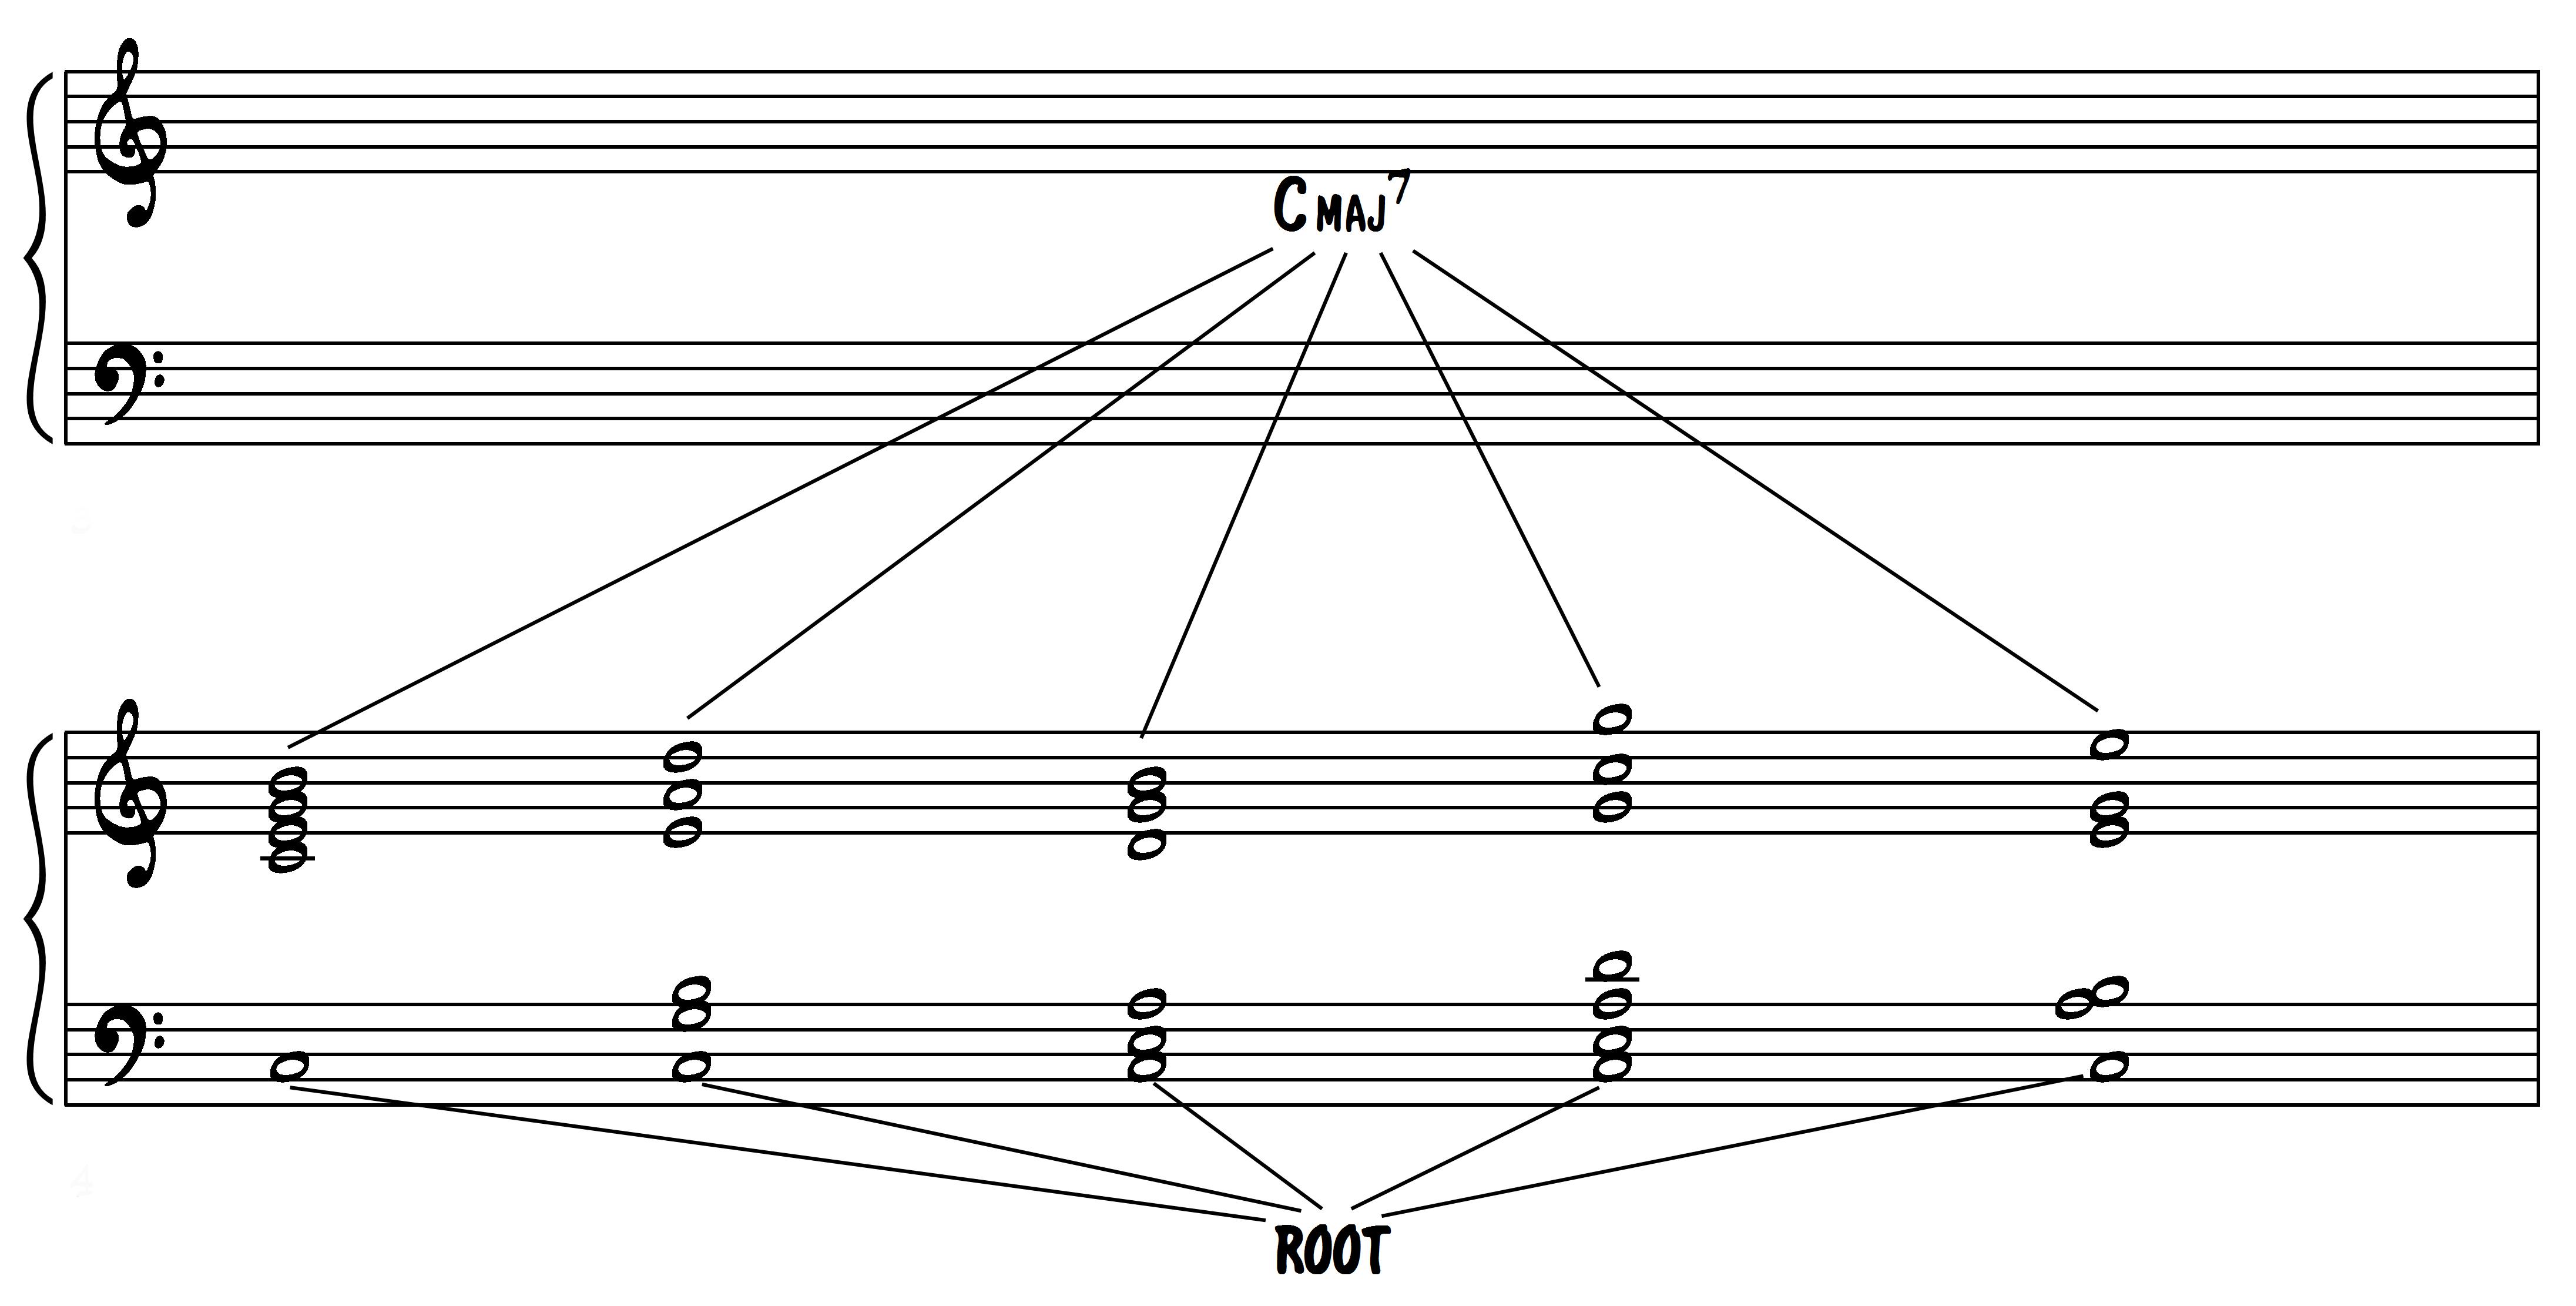 VOICINGS – concetti generali – 2 & 3 note piano voicings su cadenza II – V – I (voicings con e senza radici)